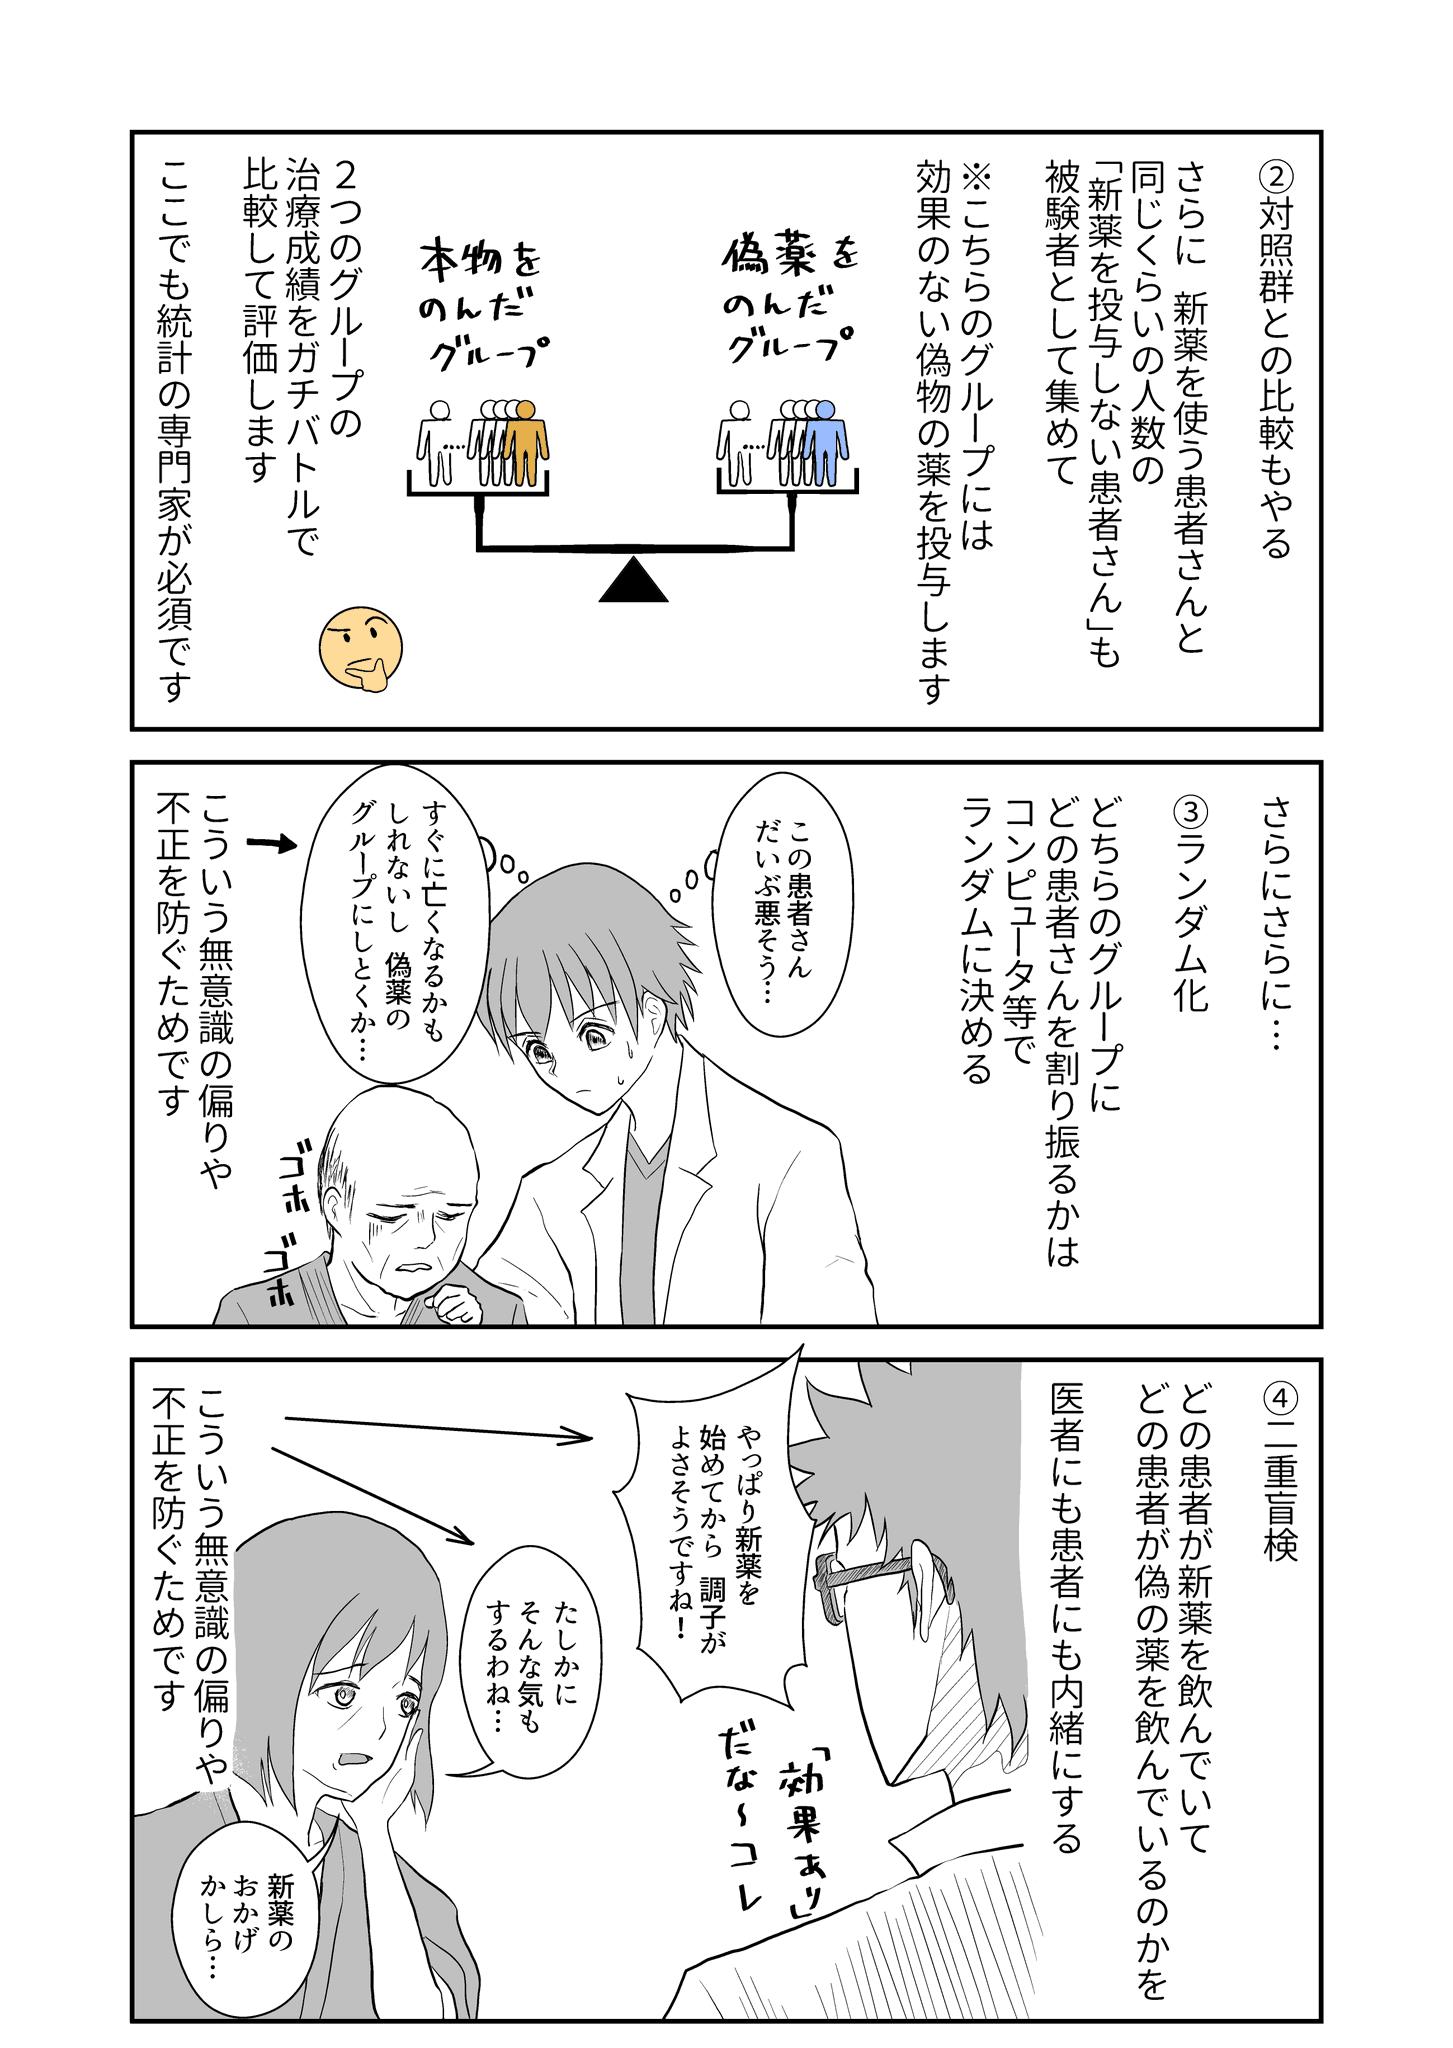 「血液クレンジング」に医者が怒りを覚える理由がこちら!!!